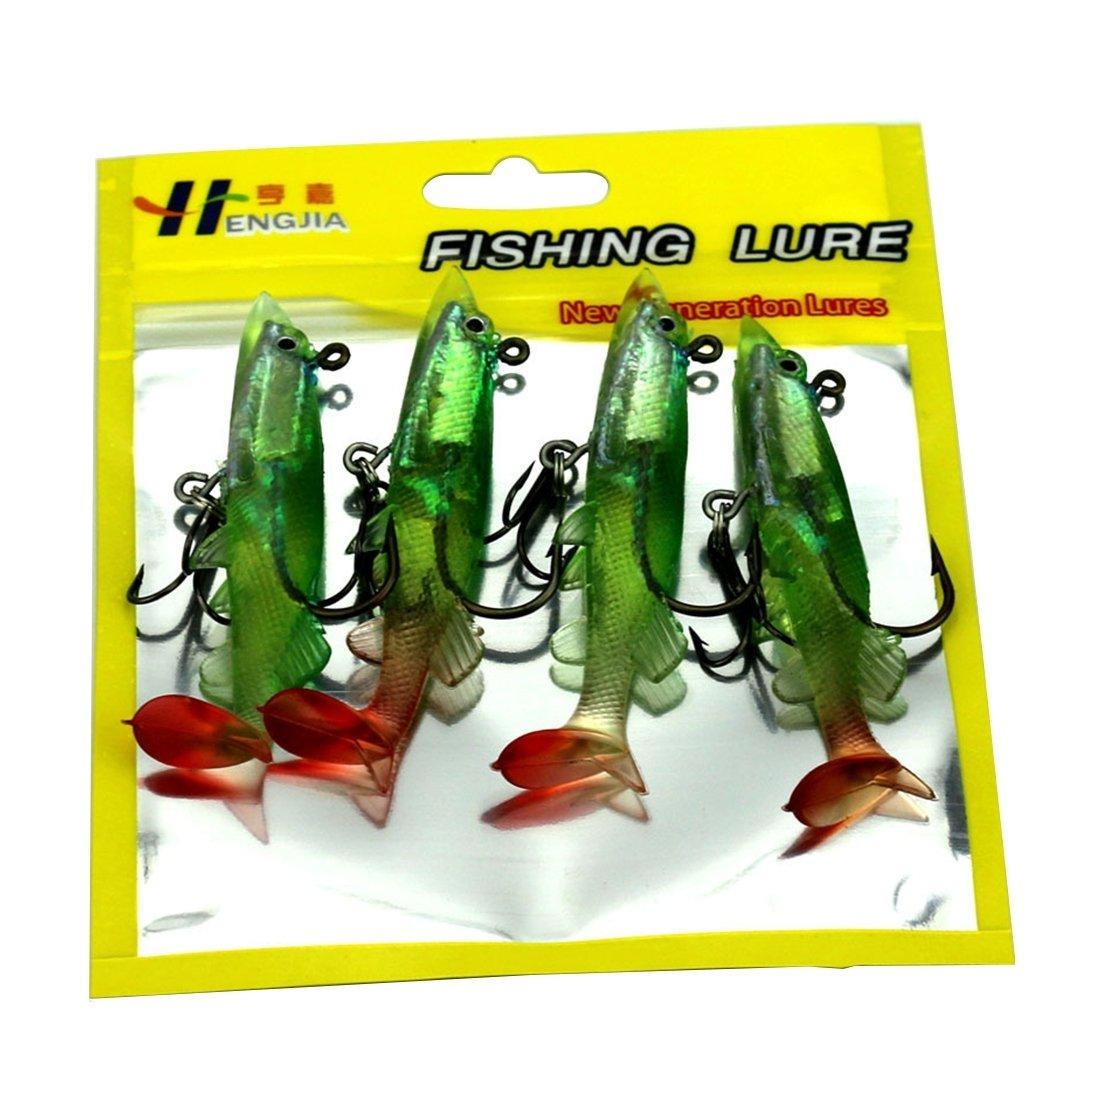 WARM home Allaperto Lunghezza Esche Artificiali in plastica di Alburnus Esche Artificiali per la Pesca Esche da Pesca bioniche con Ganci Strumento YYZM 8 cm